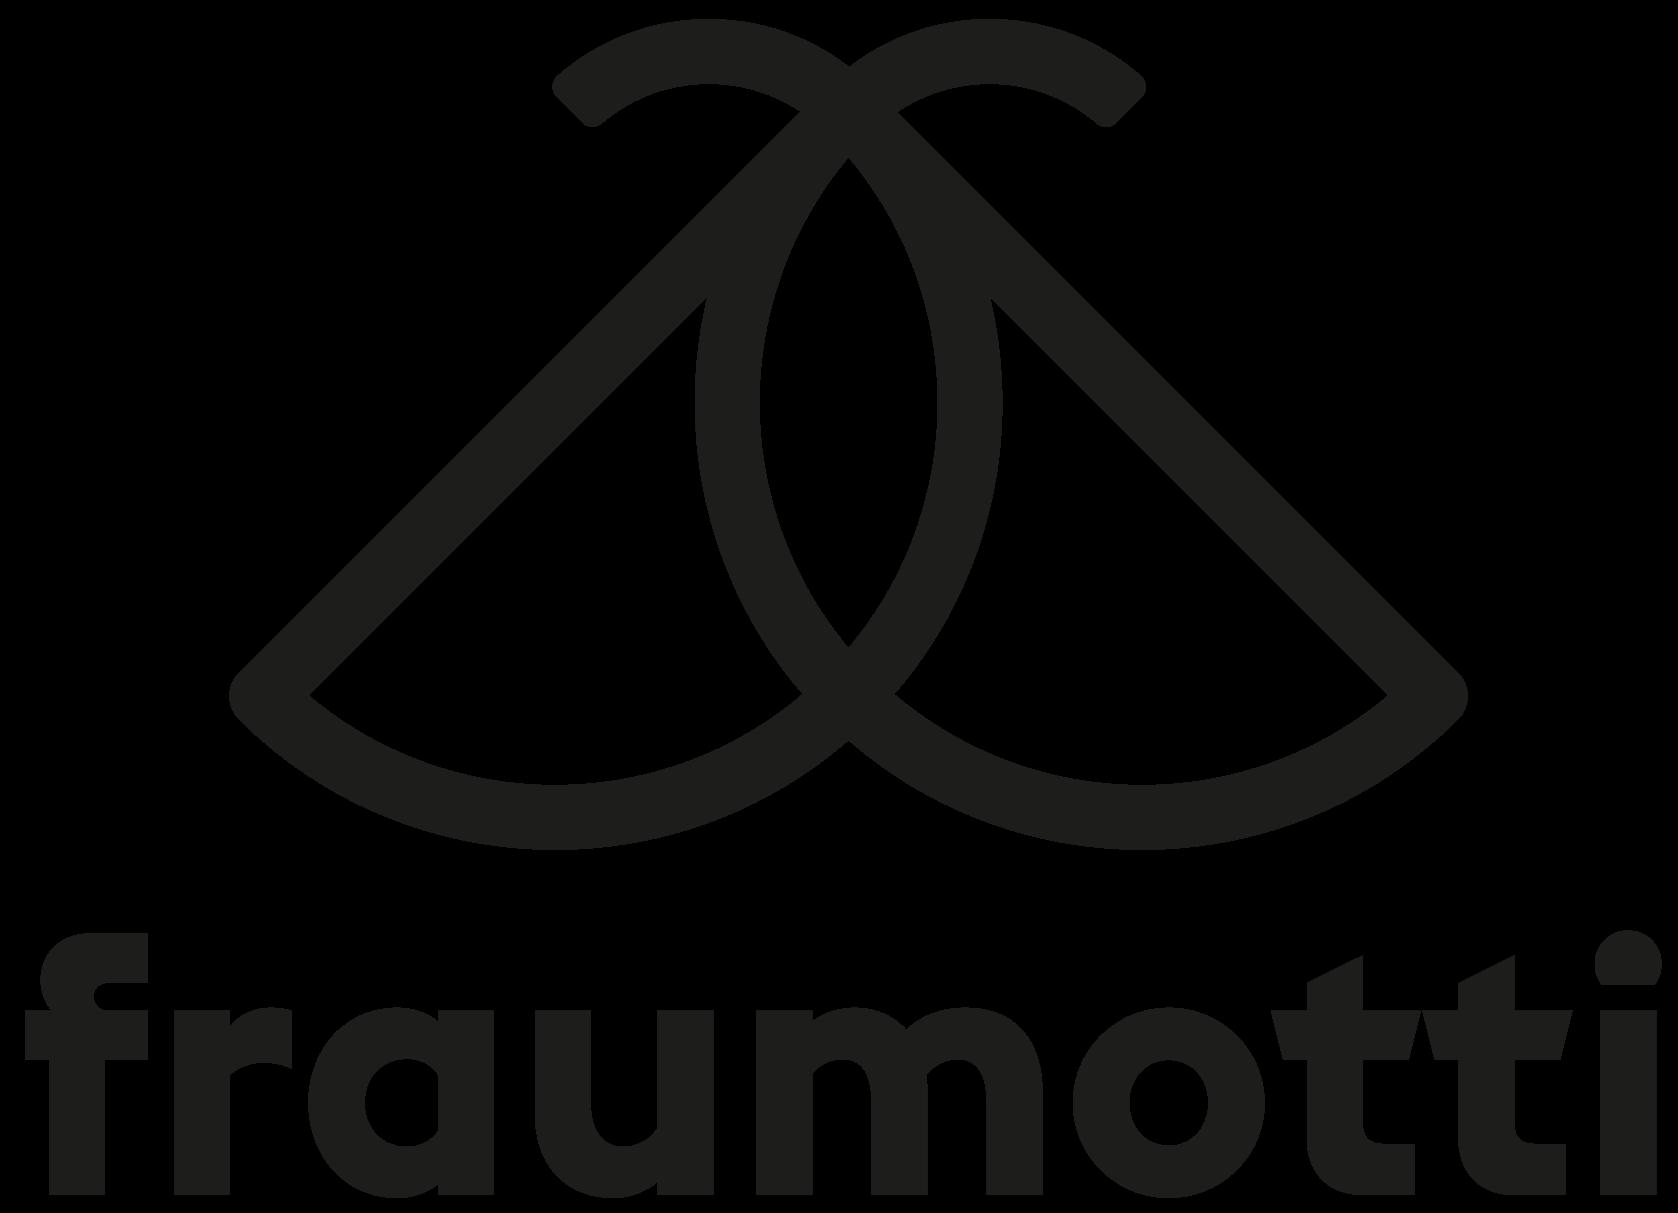 fraumotti.de